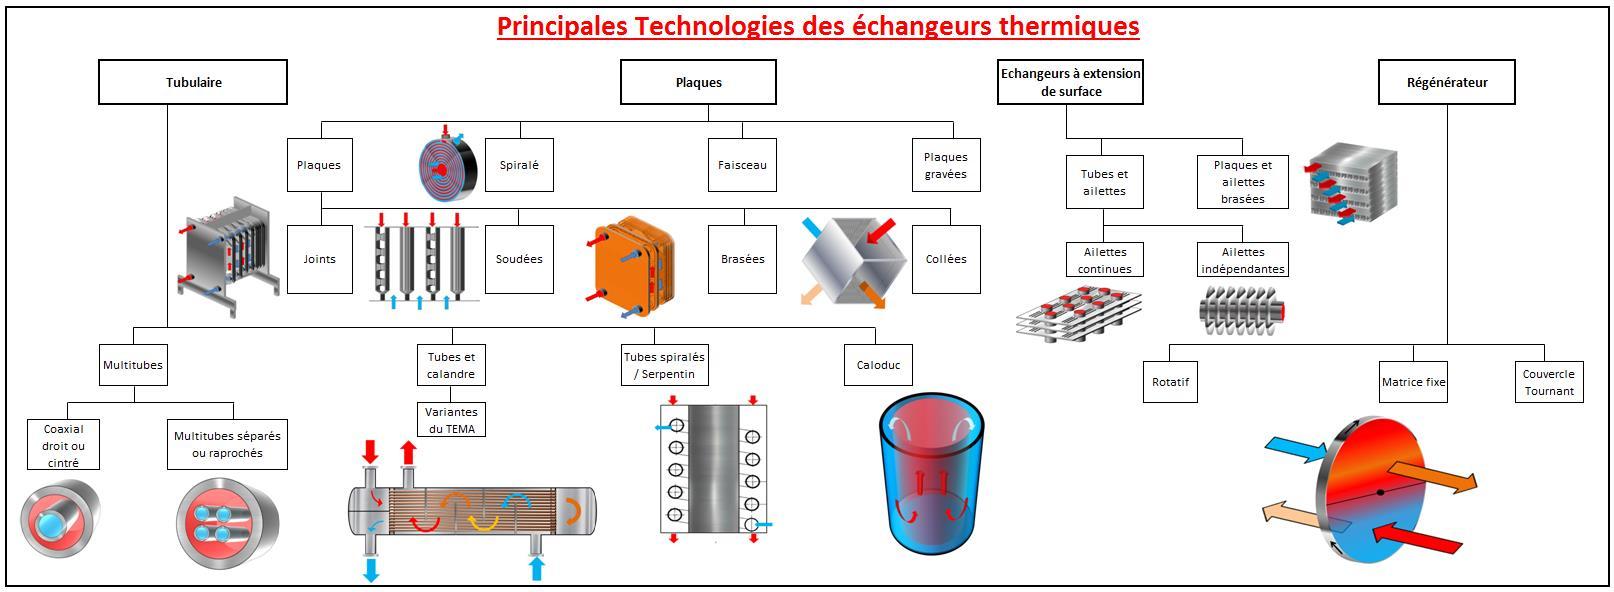 Fig. 1 : Classification des échangeurs thermiques (à surface) en fonction de la technologie de fabrication